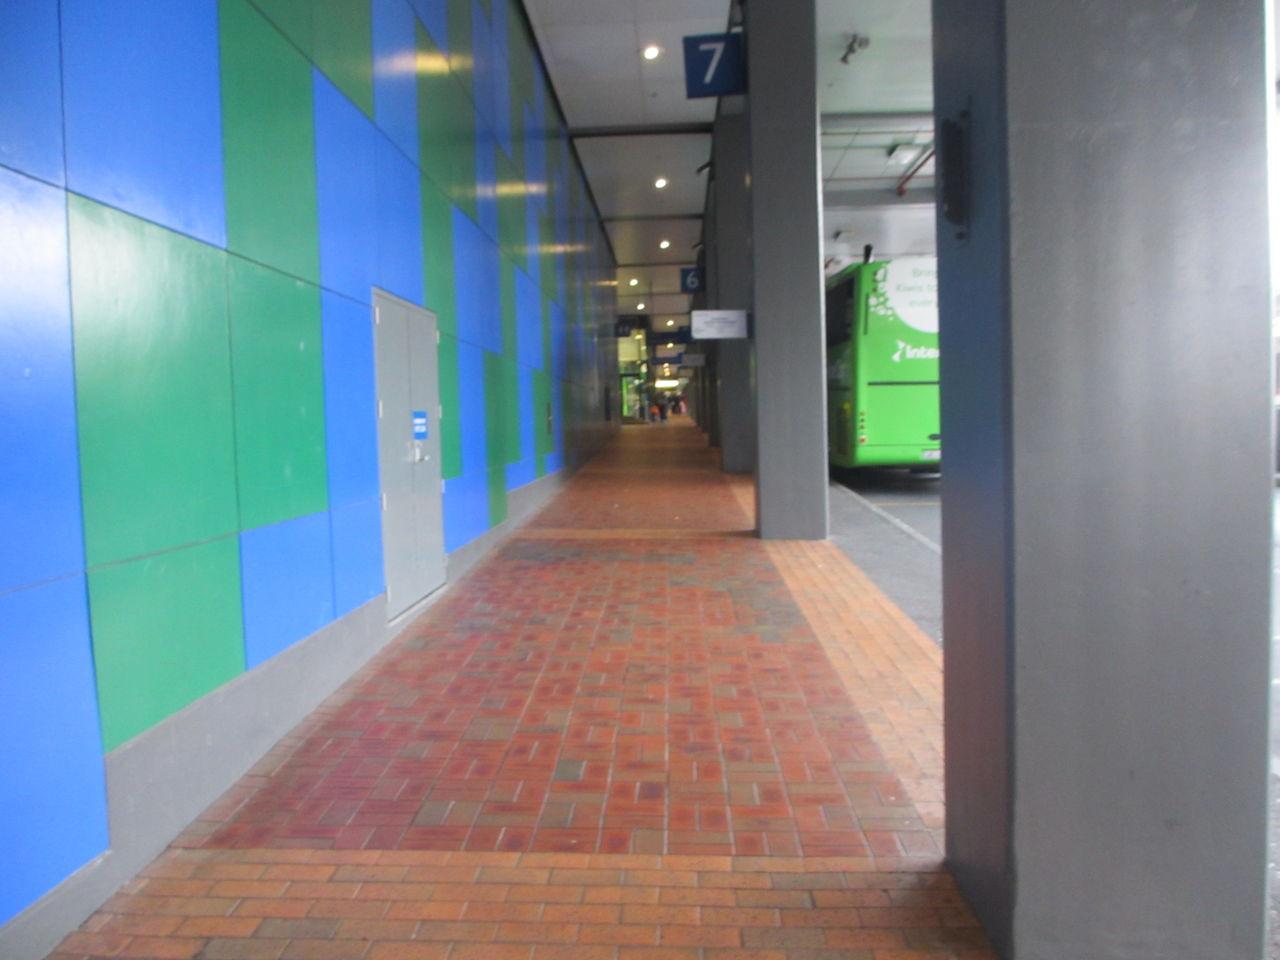 スカイシティ グレートサイツ バスターミナル